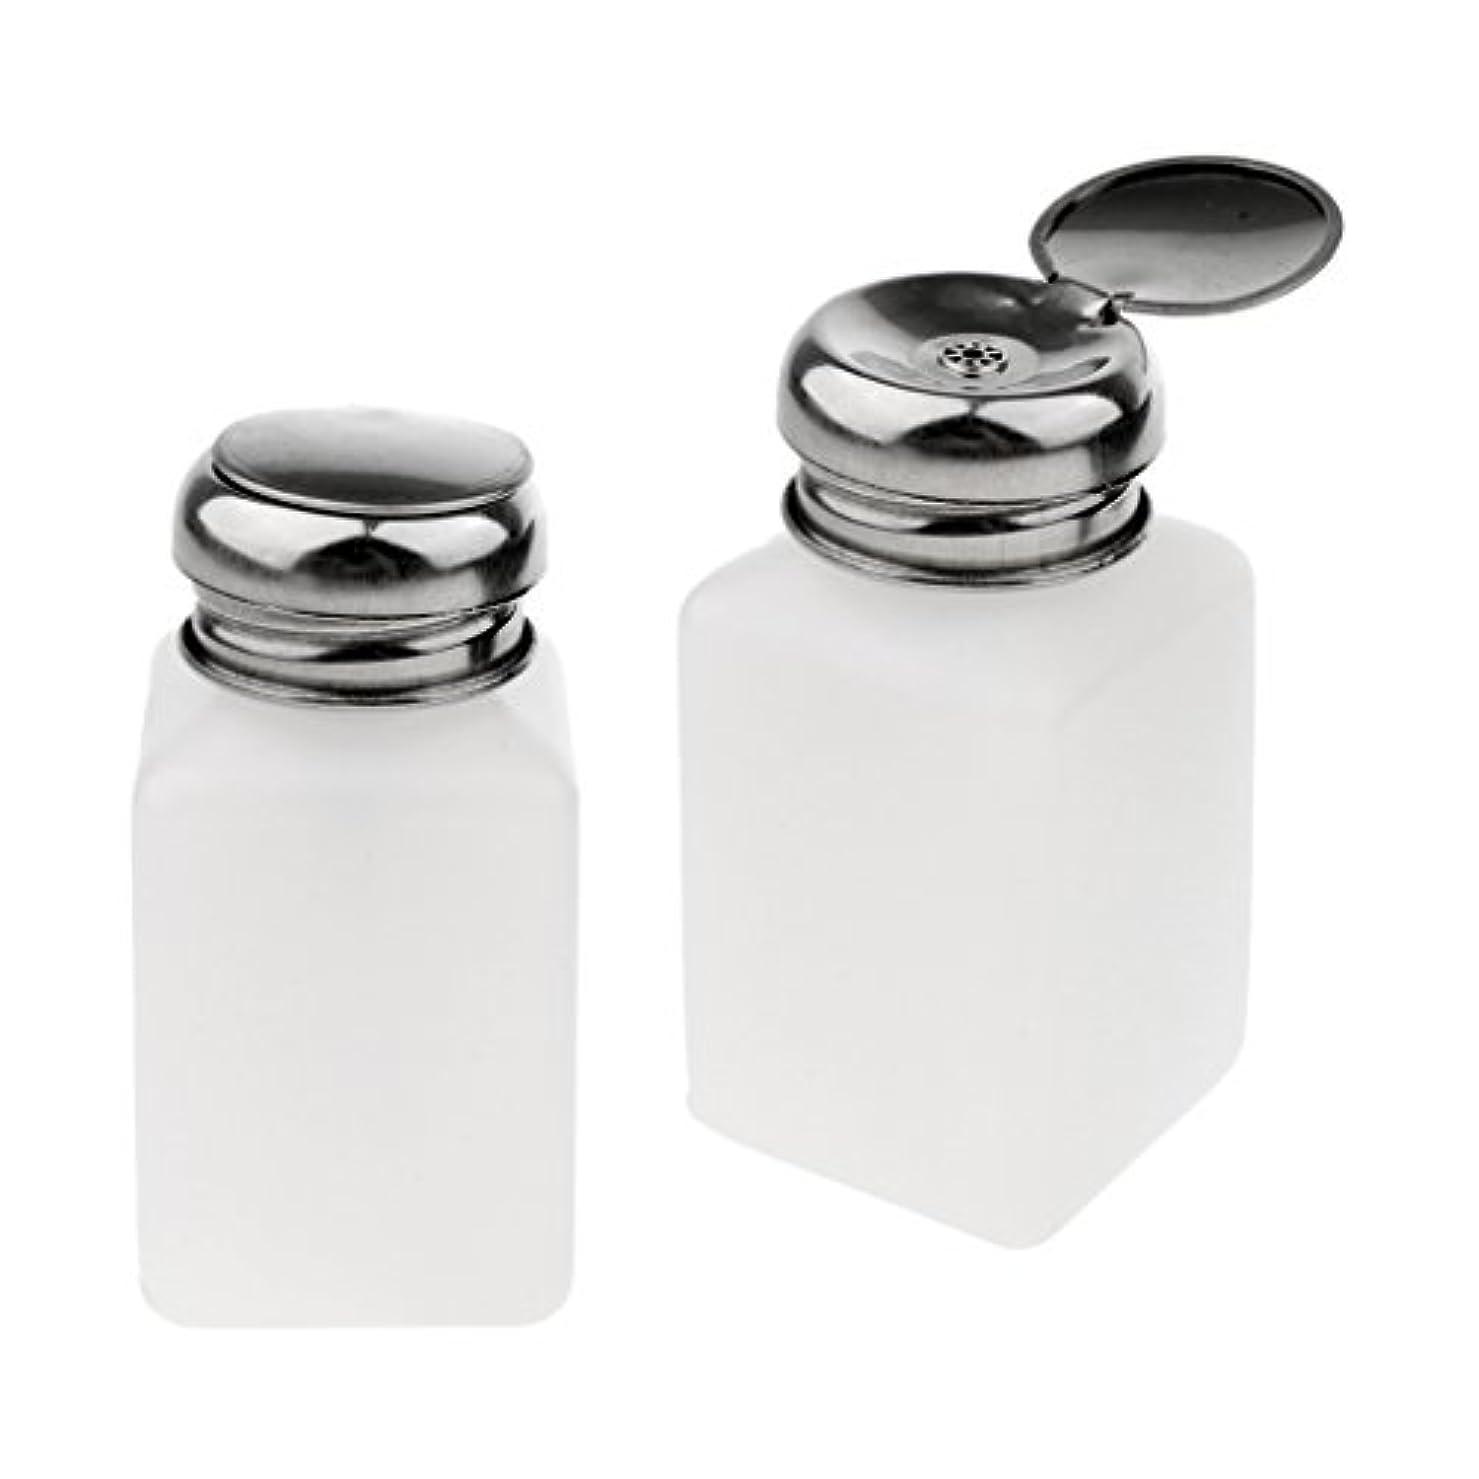 ジャーナリスト失礼なまっすぐにするSM SunniMix 2個 プレスボトル 空ボトル ポンプボトル ロック可能 アルコール 液体 貯蔵 保護 全3サイズ - 200ミリリットル